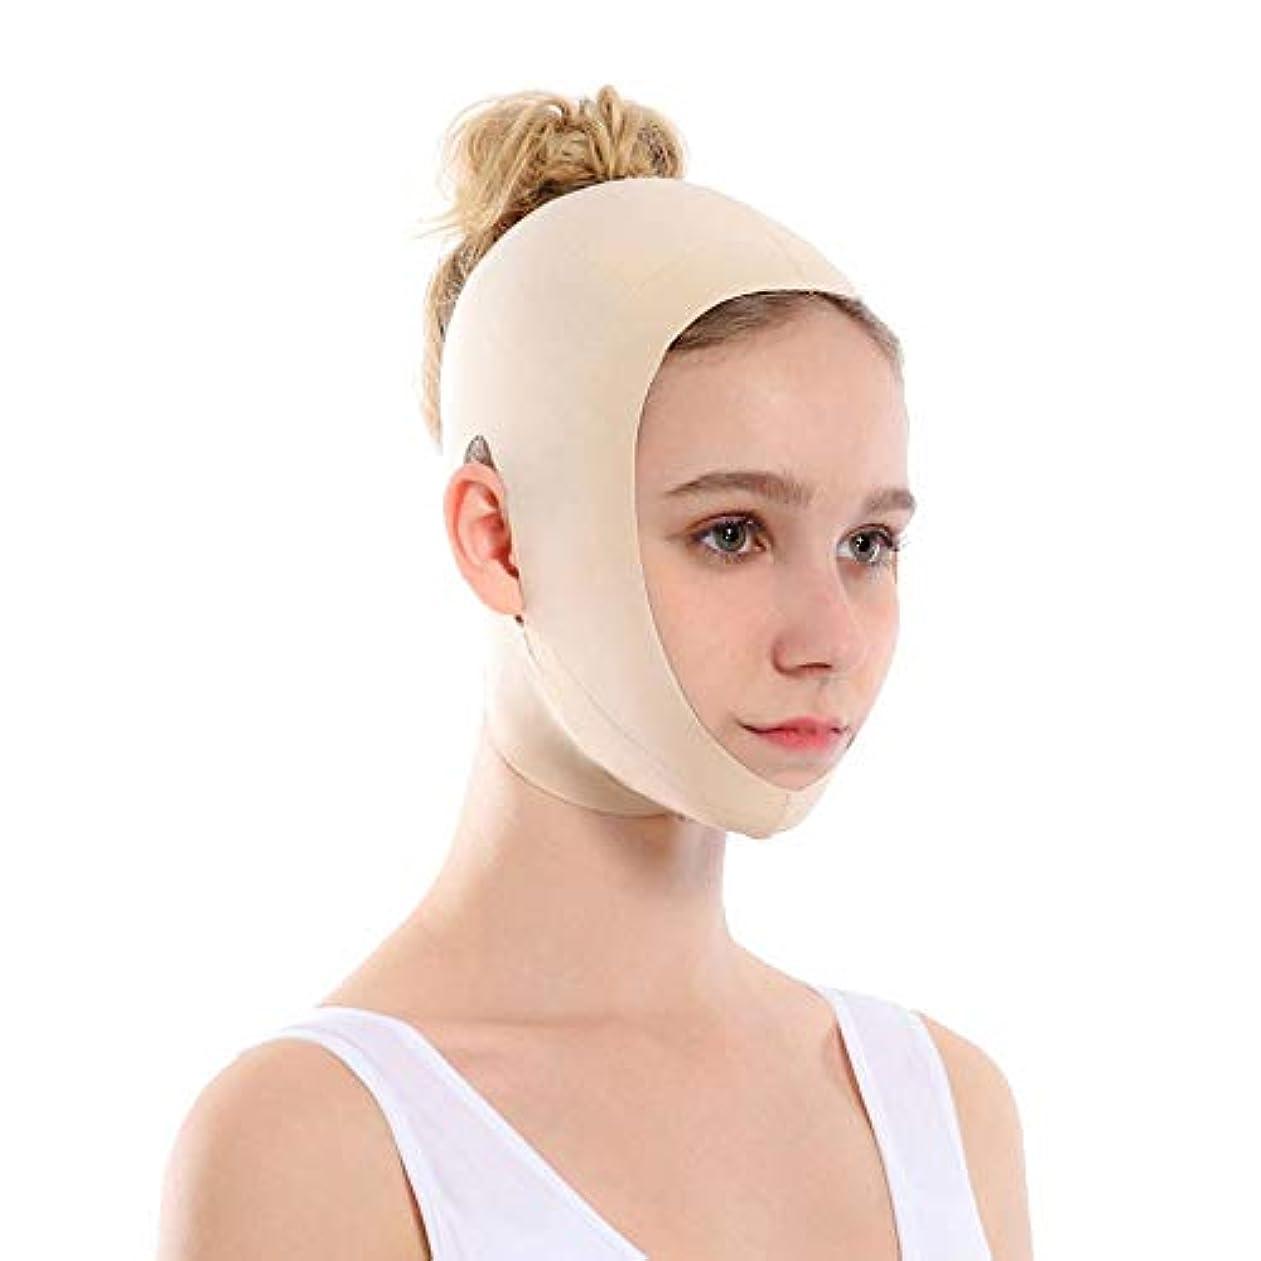 ばかげた洞察力冒険者Minmin 顔を持ち上げるアーティファクトVフェイス包帯リフティング引き締め睡眠薄い顔を整形持ち上げる顔を二重あご矯正 - 肌の色 みんみんVラインフェイスマスク